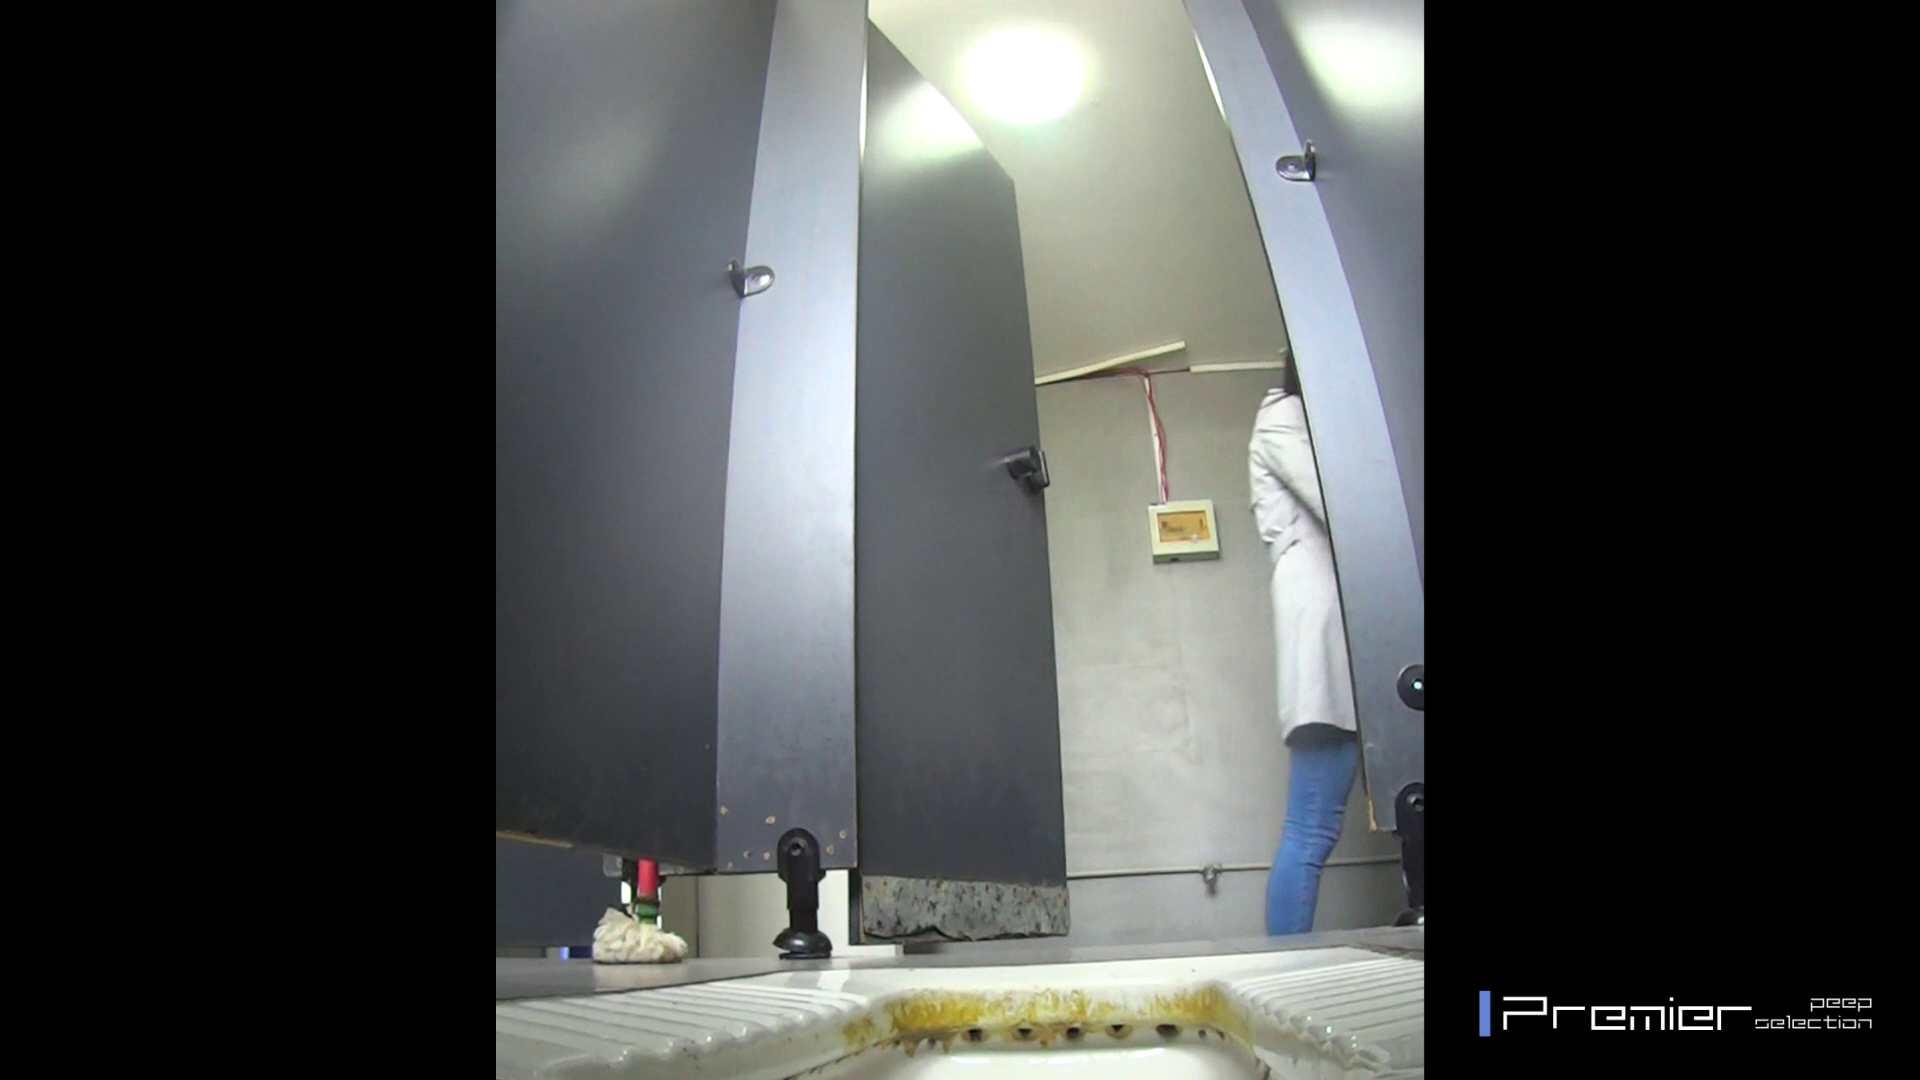 高画質で見る美女達の洗面所 大学休憩時間の洗面所事情14 盗撮大放出 オメコ動画キャプチャ 43連発 23